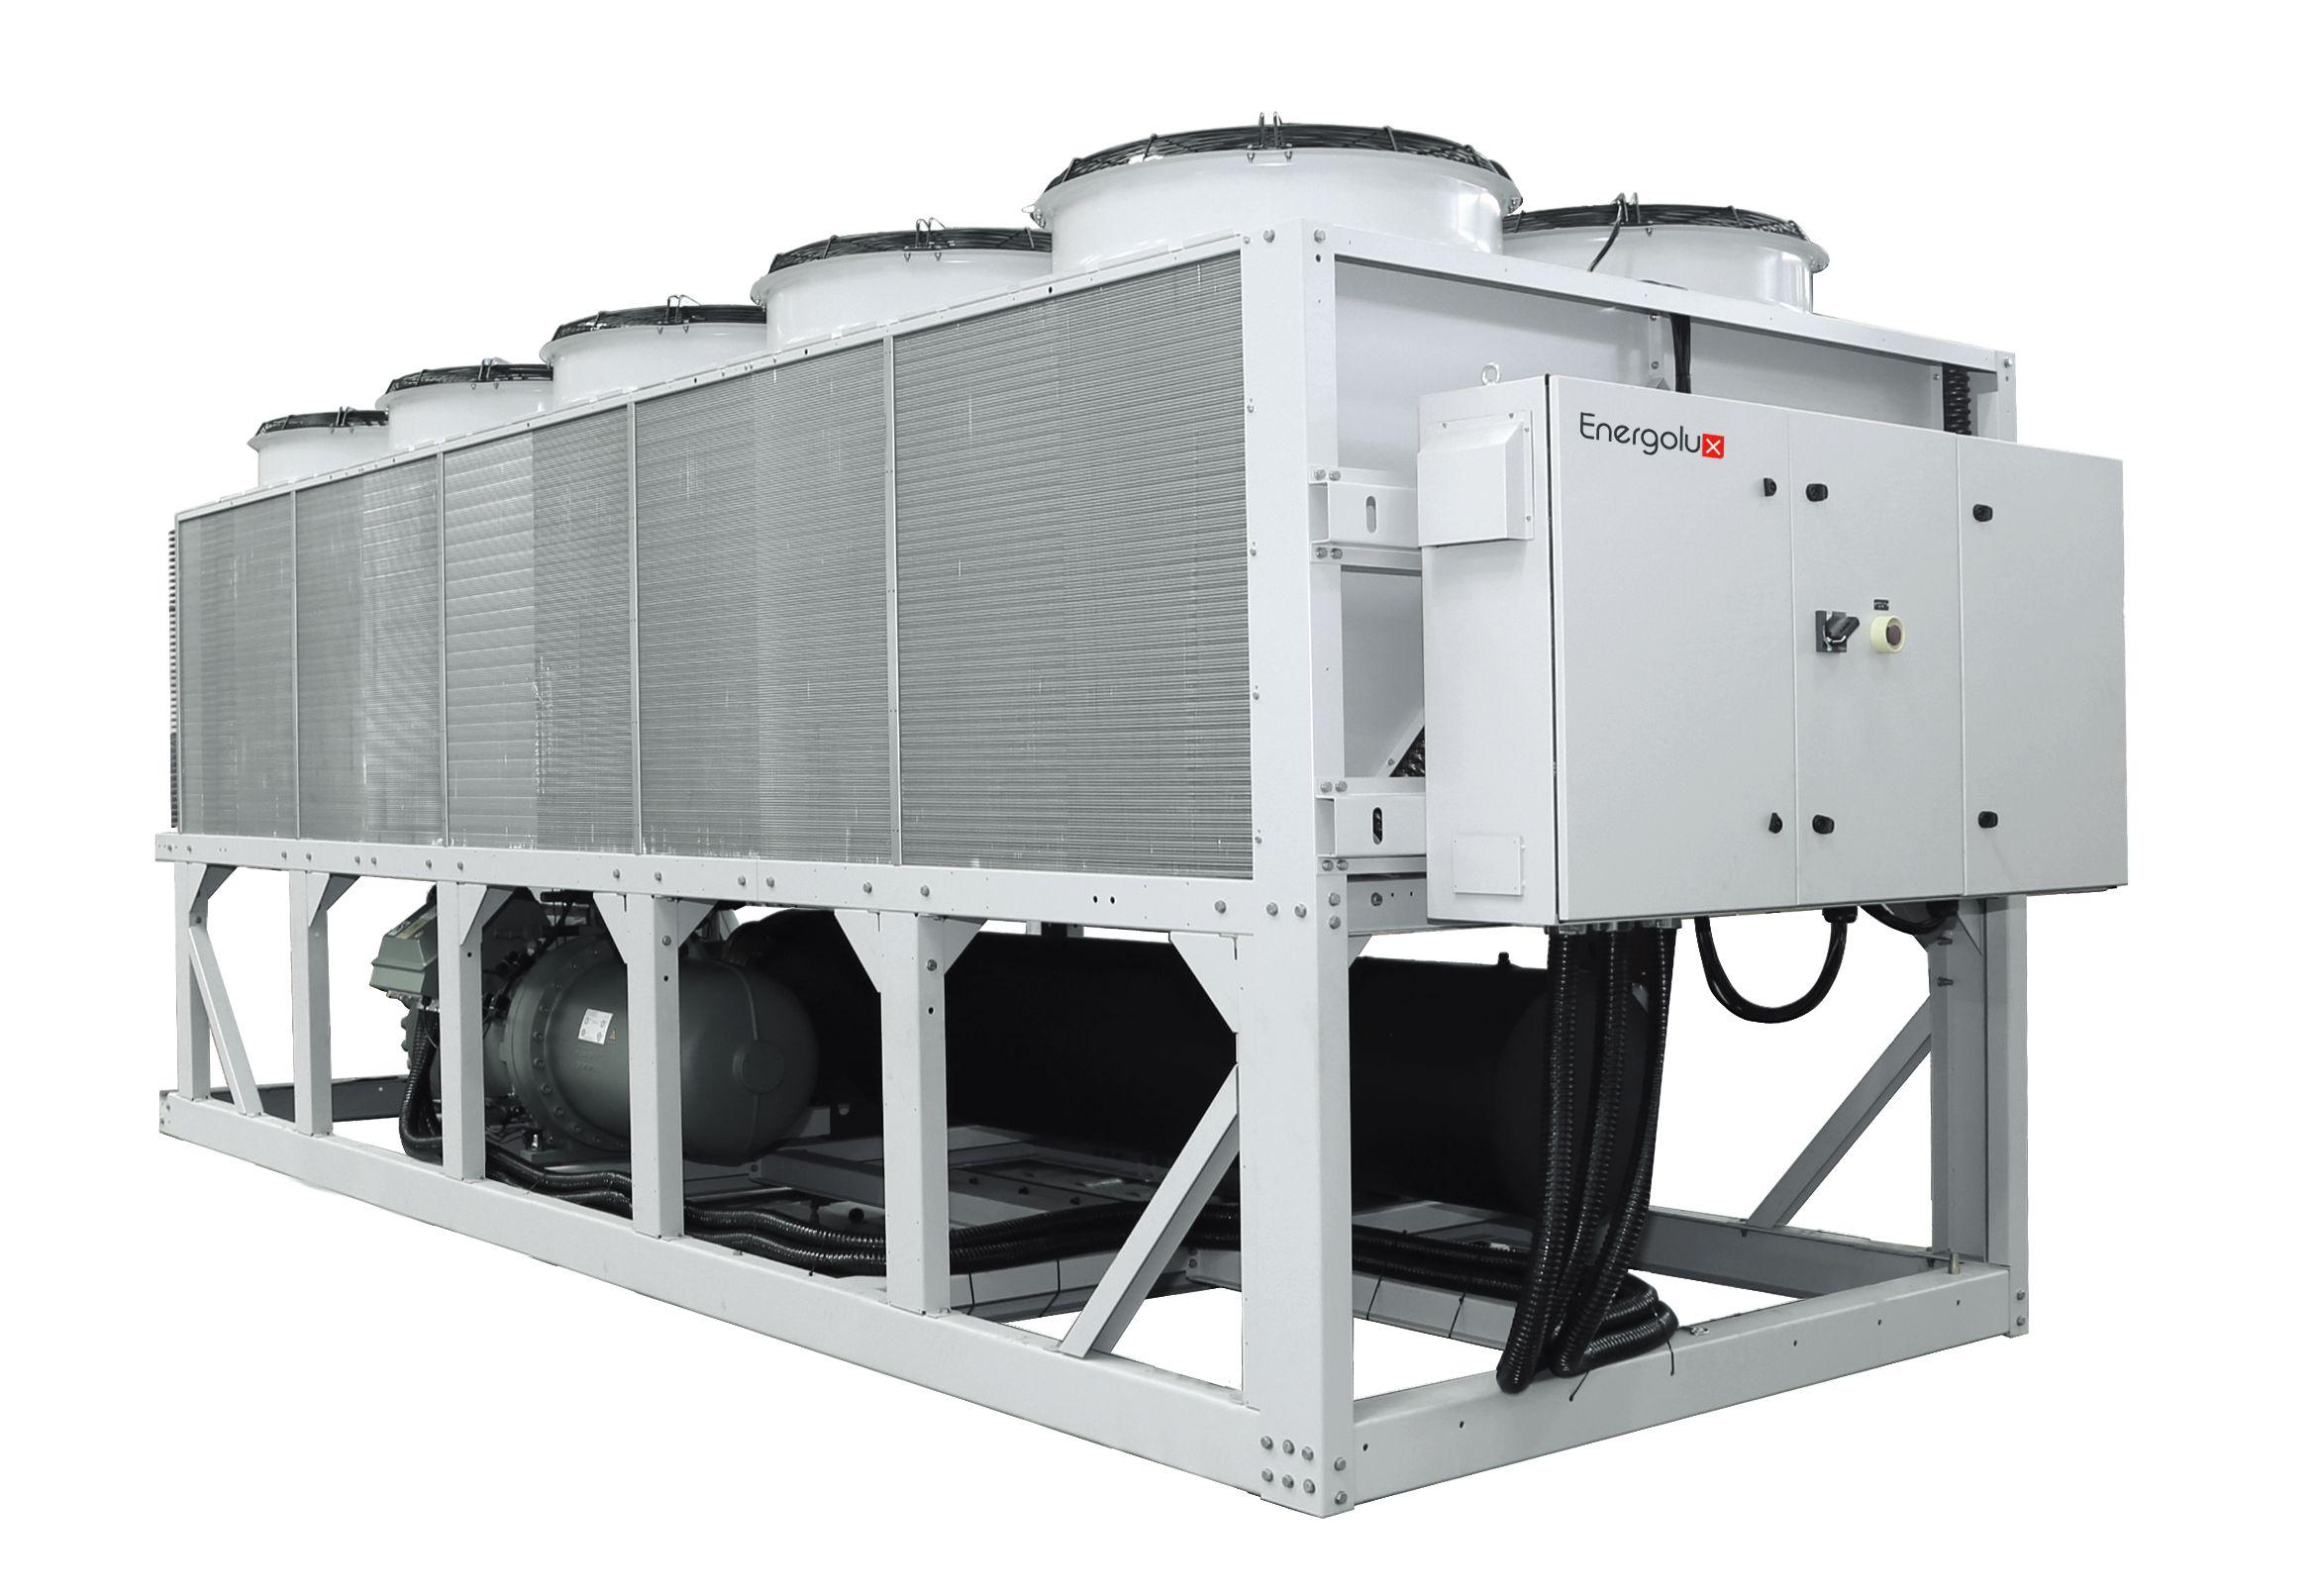 Energolux SCAW-FC-T 2810 V